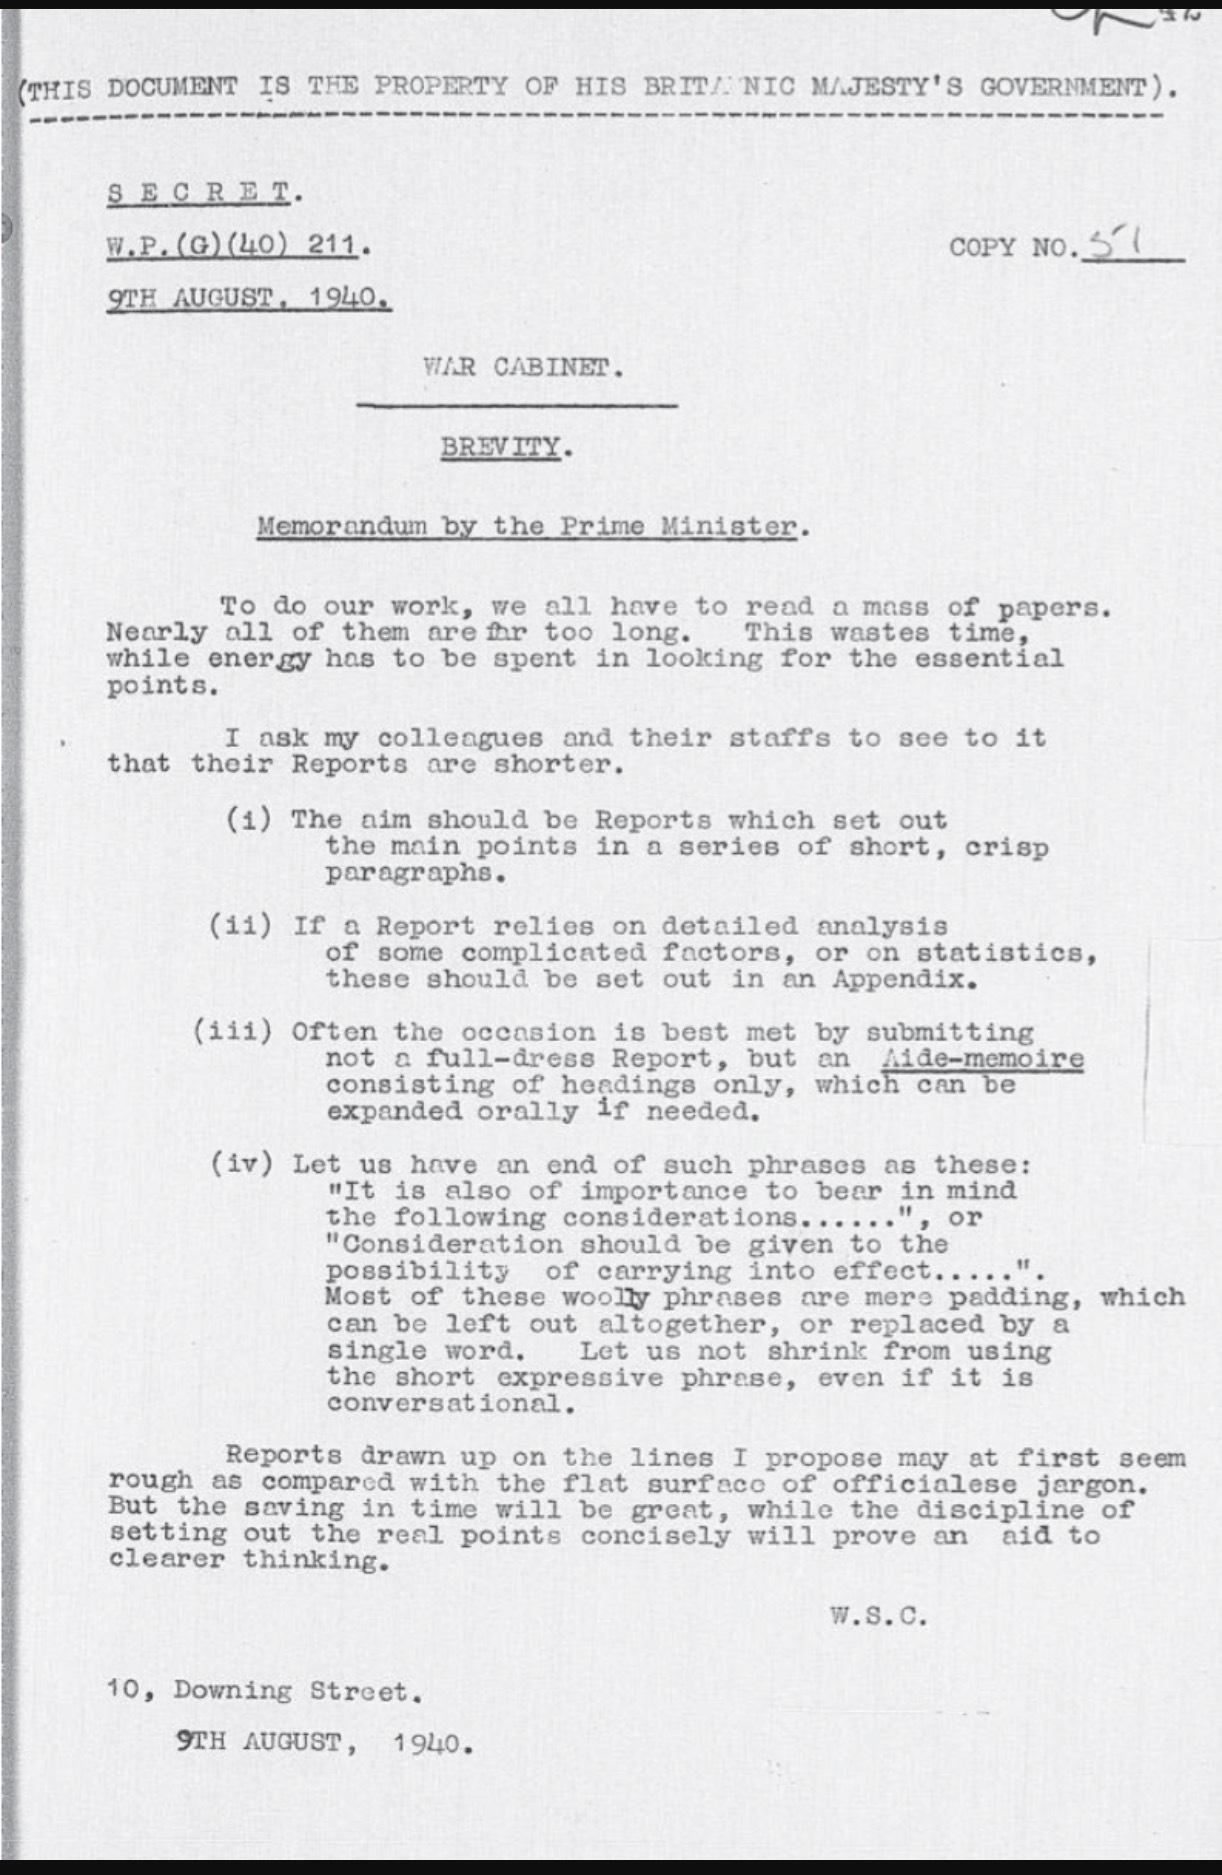 Churchill info